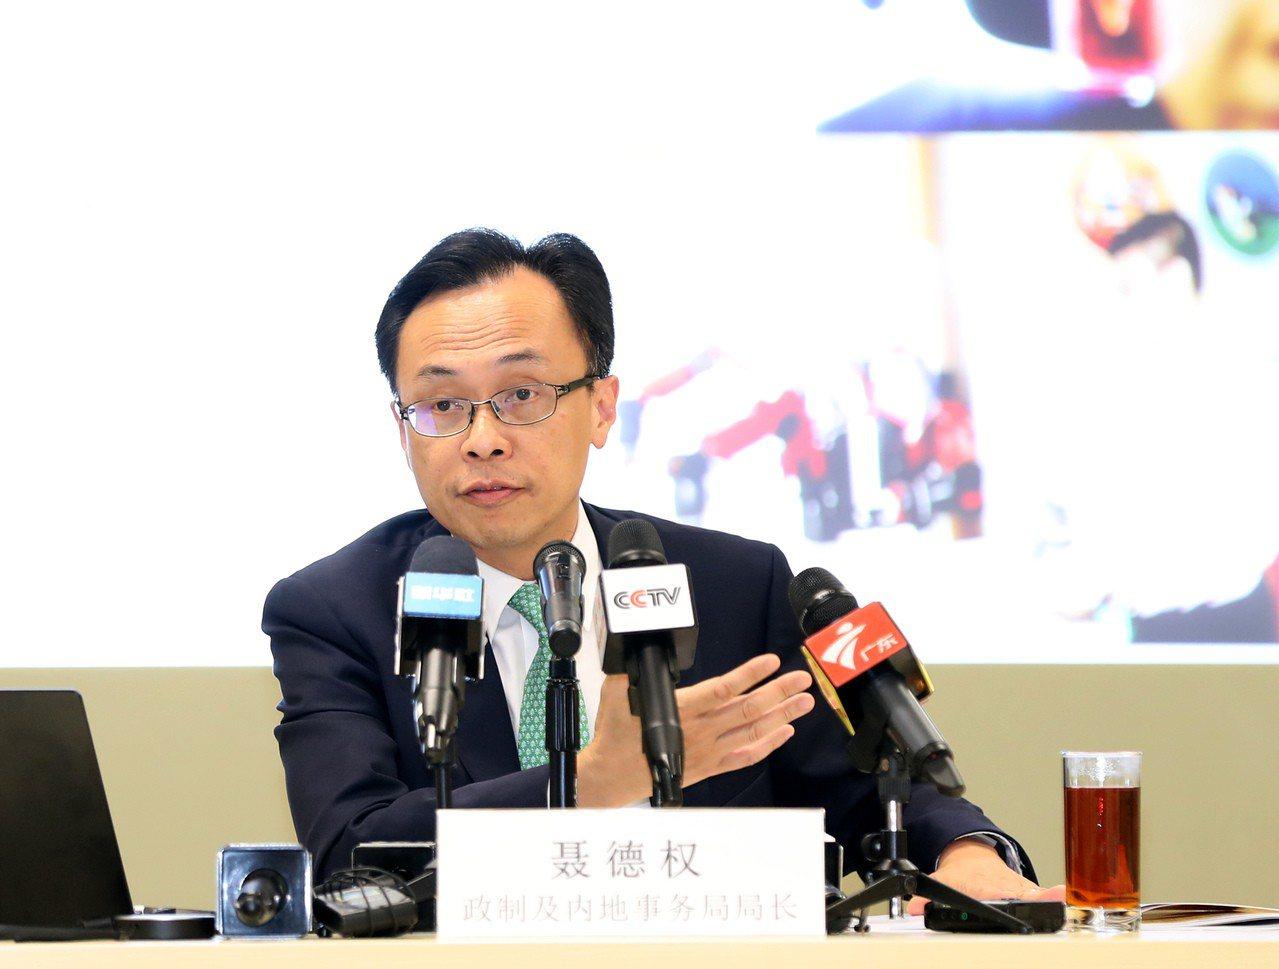 中國網路管制 成港澳青年大灣區發展的障礙 新華社